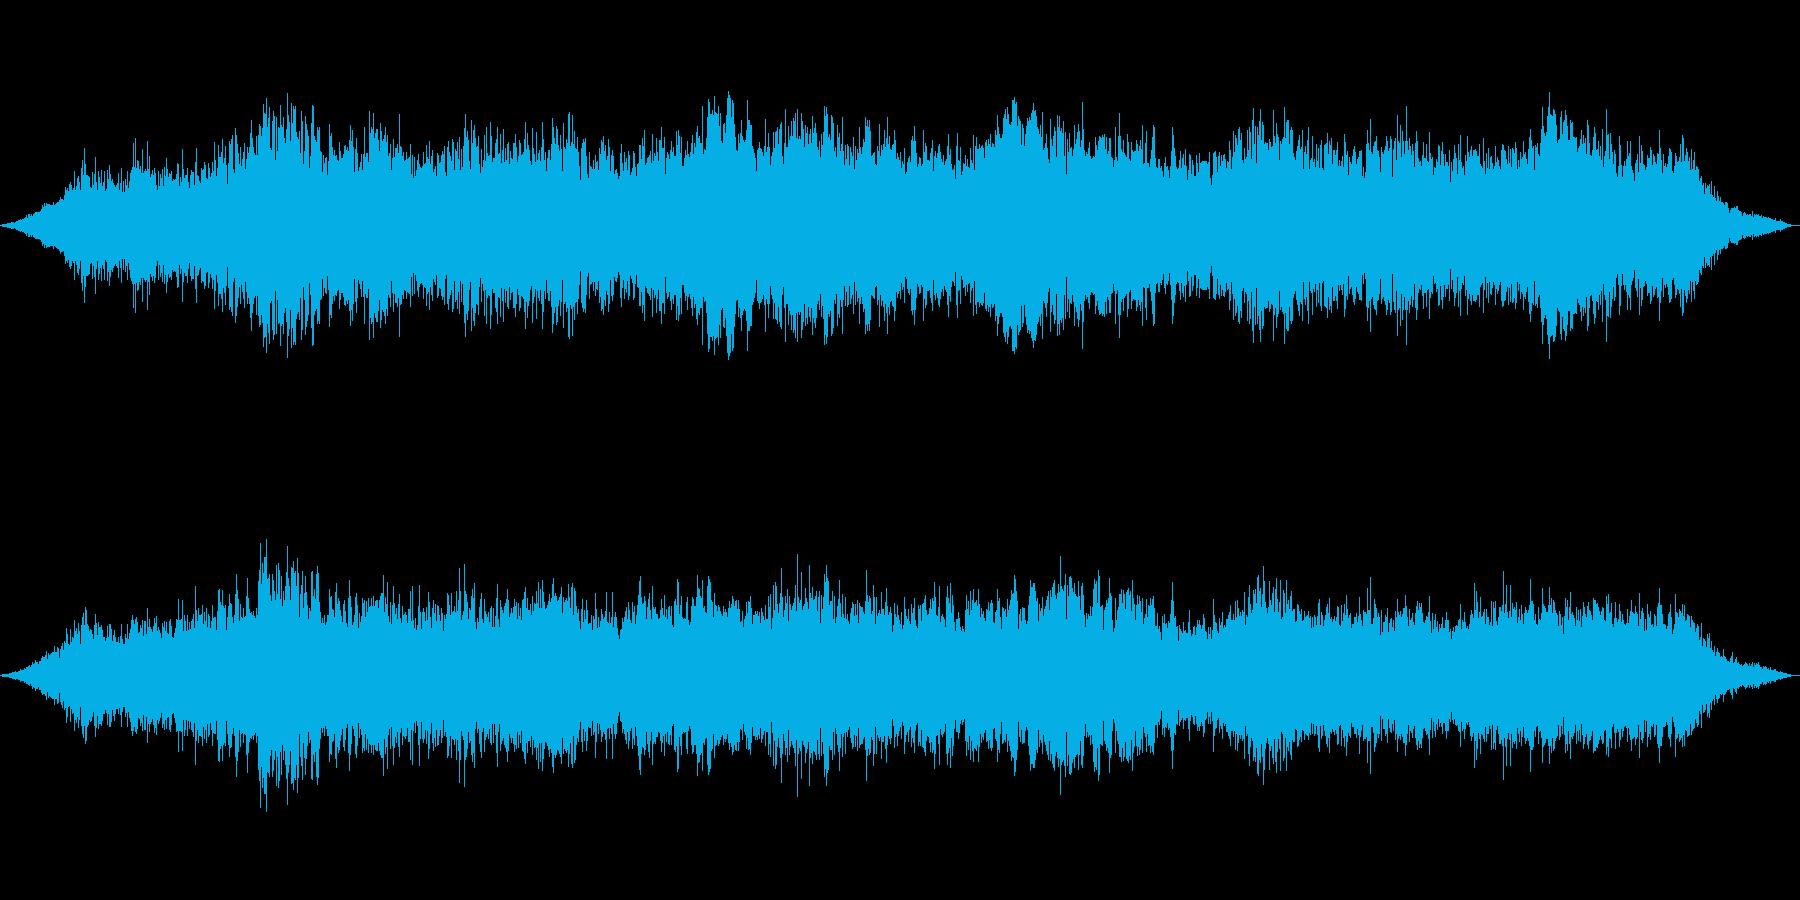 無機質な感じですの再生済みの波形